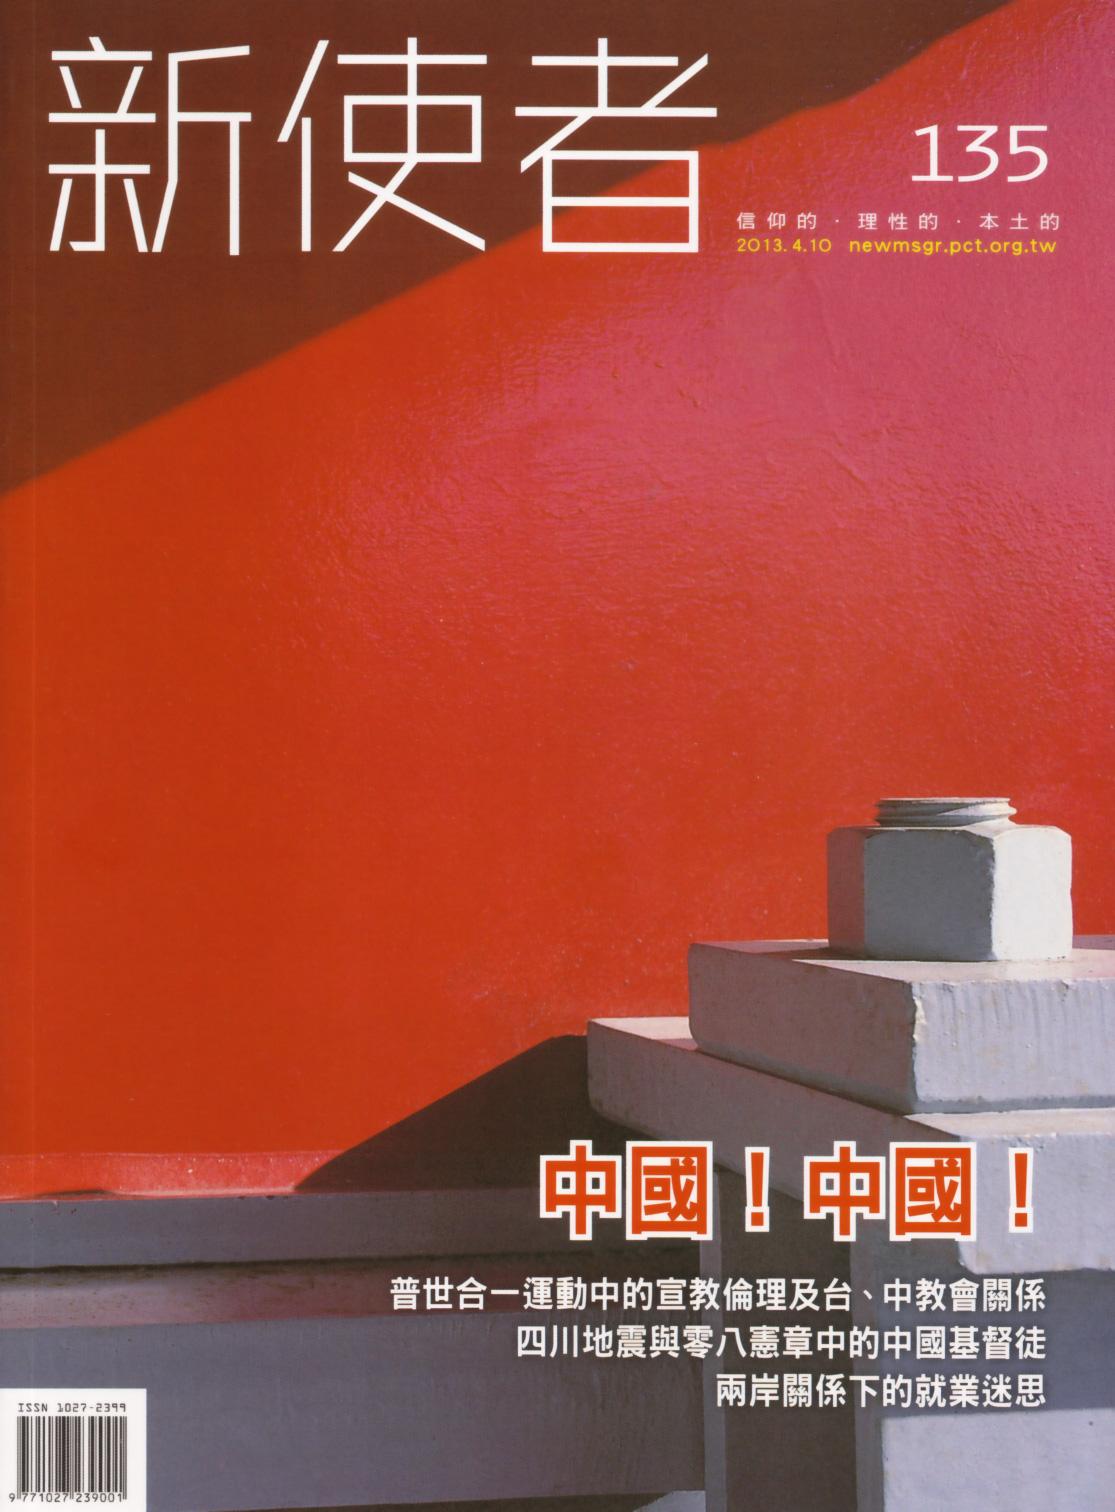 新使者雜誌 The New Messenger  135期  2013年  4月 中國!中國!